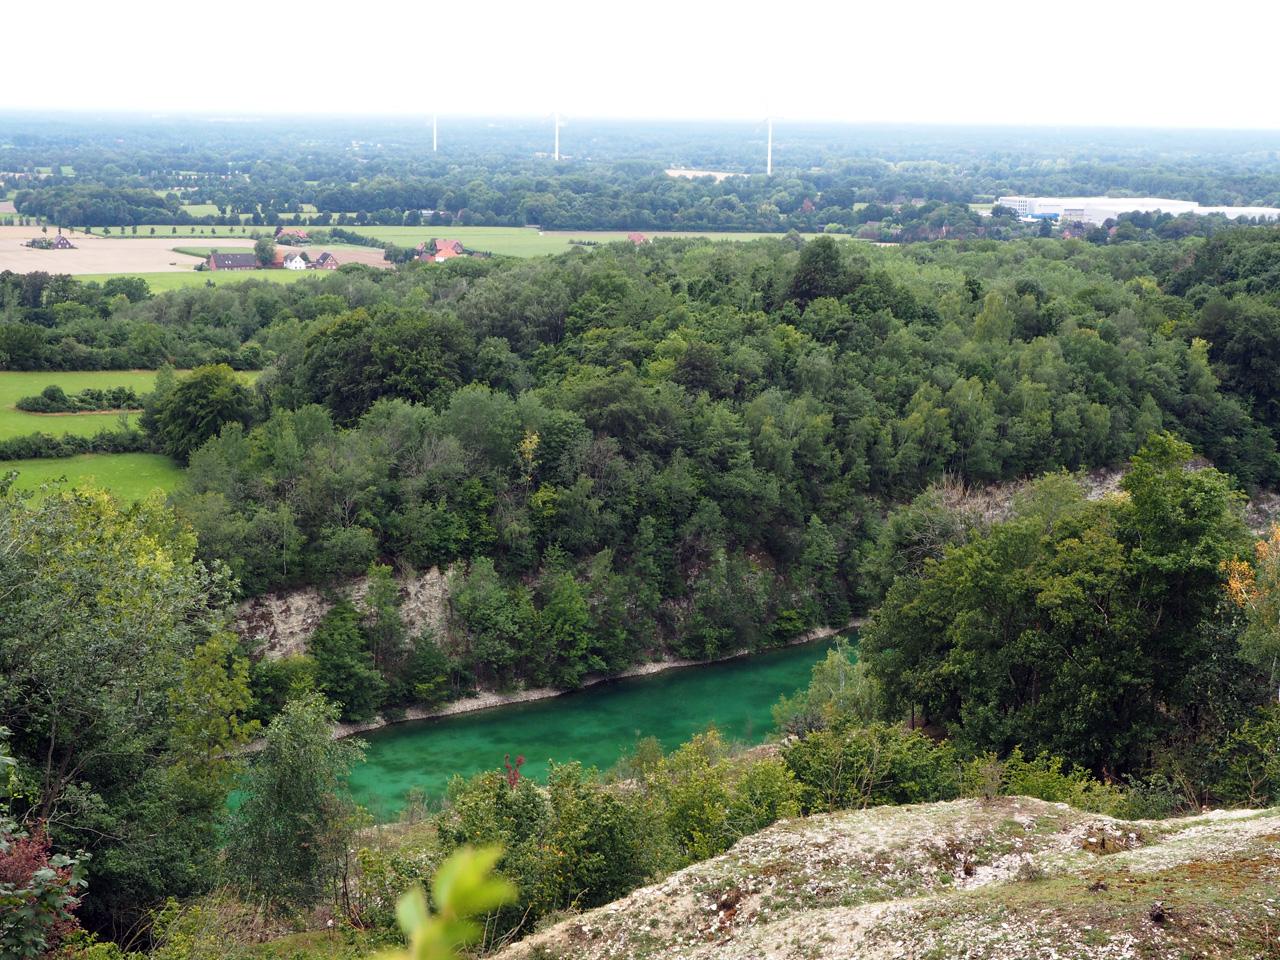 Canyon Blick en het Münsterland